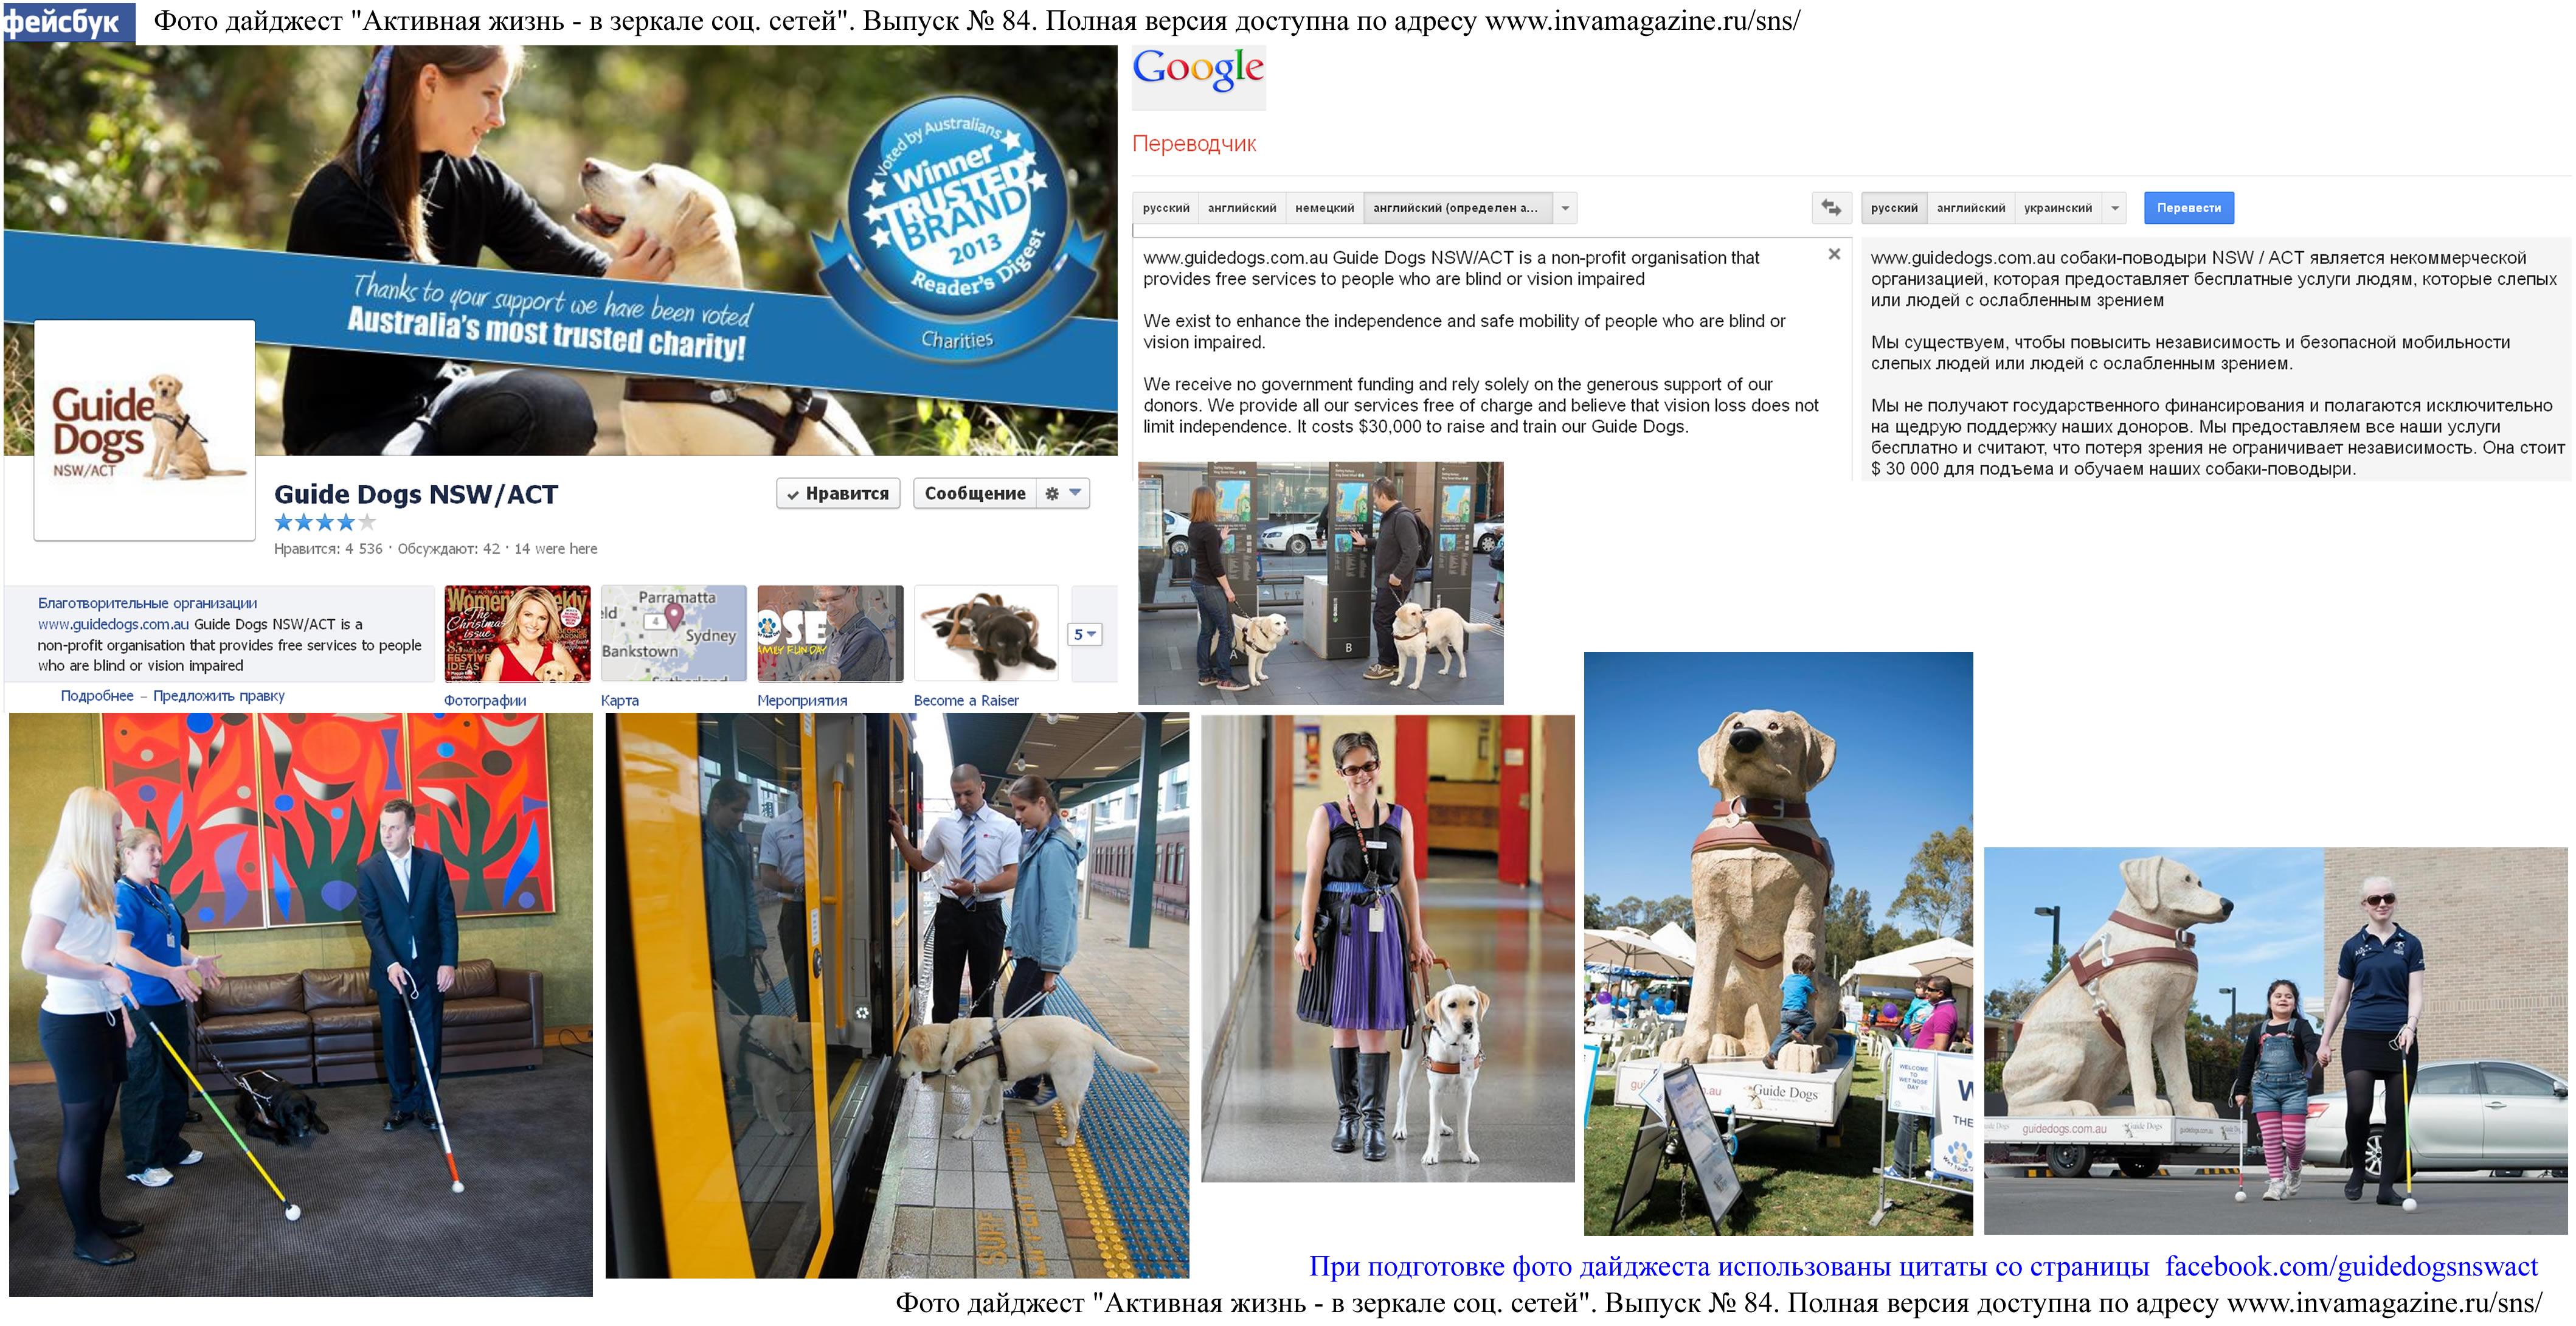 Фото дайджест страницы Guide Dogs NSW/ACT